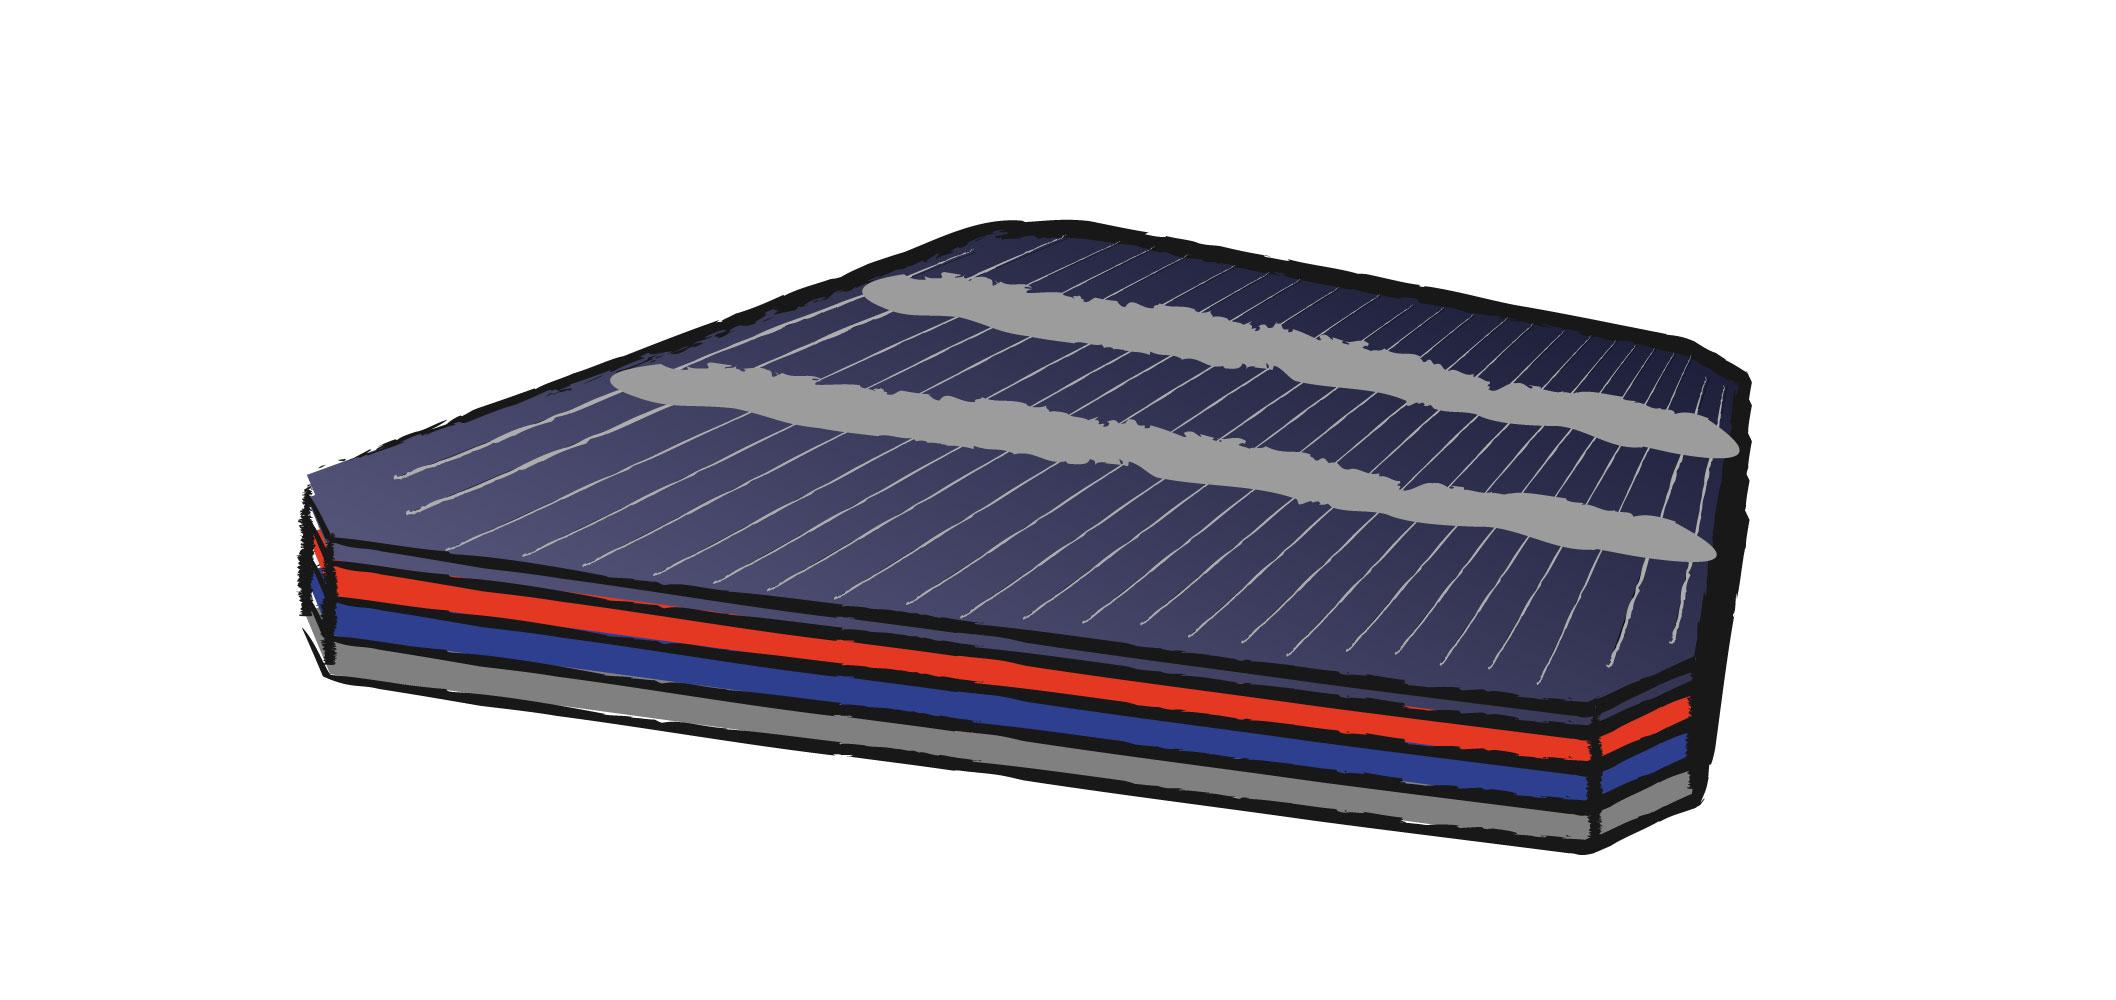 solarzelle_schräg-mit-schichten